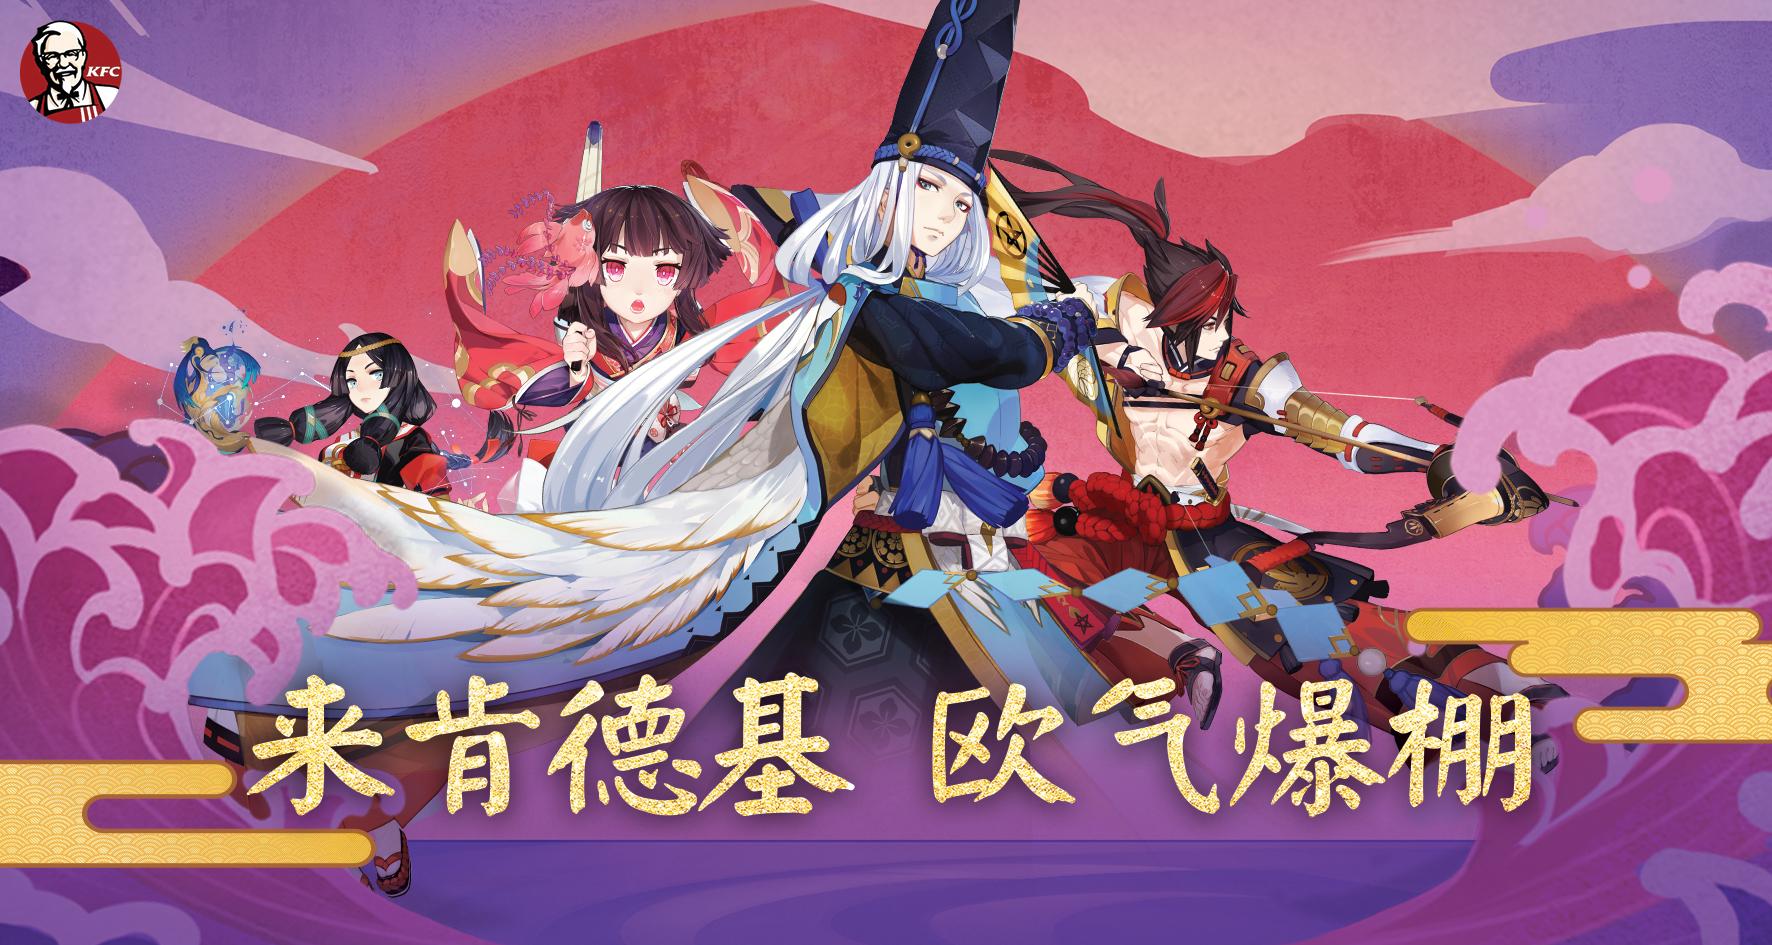 2017_cn_2017_e172-cd-100981346_hero_1